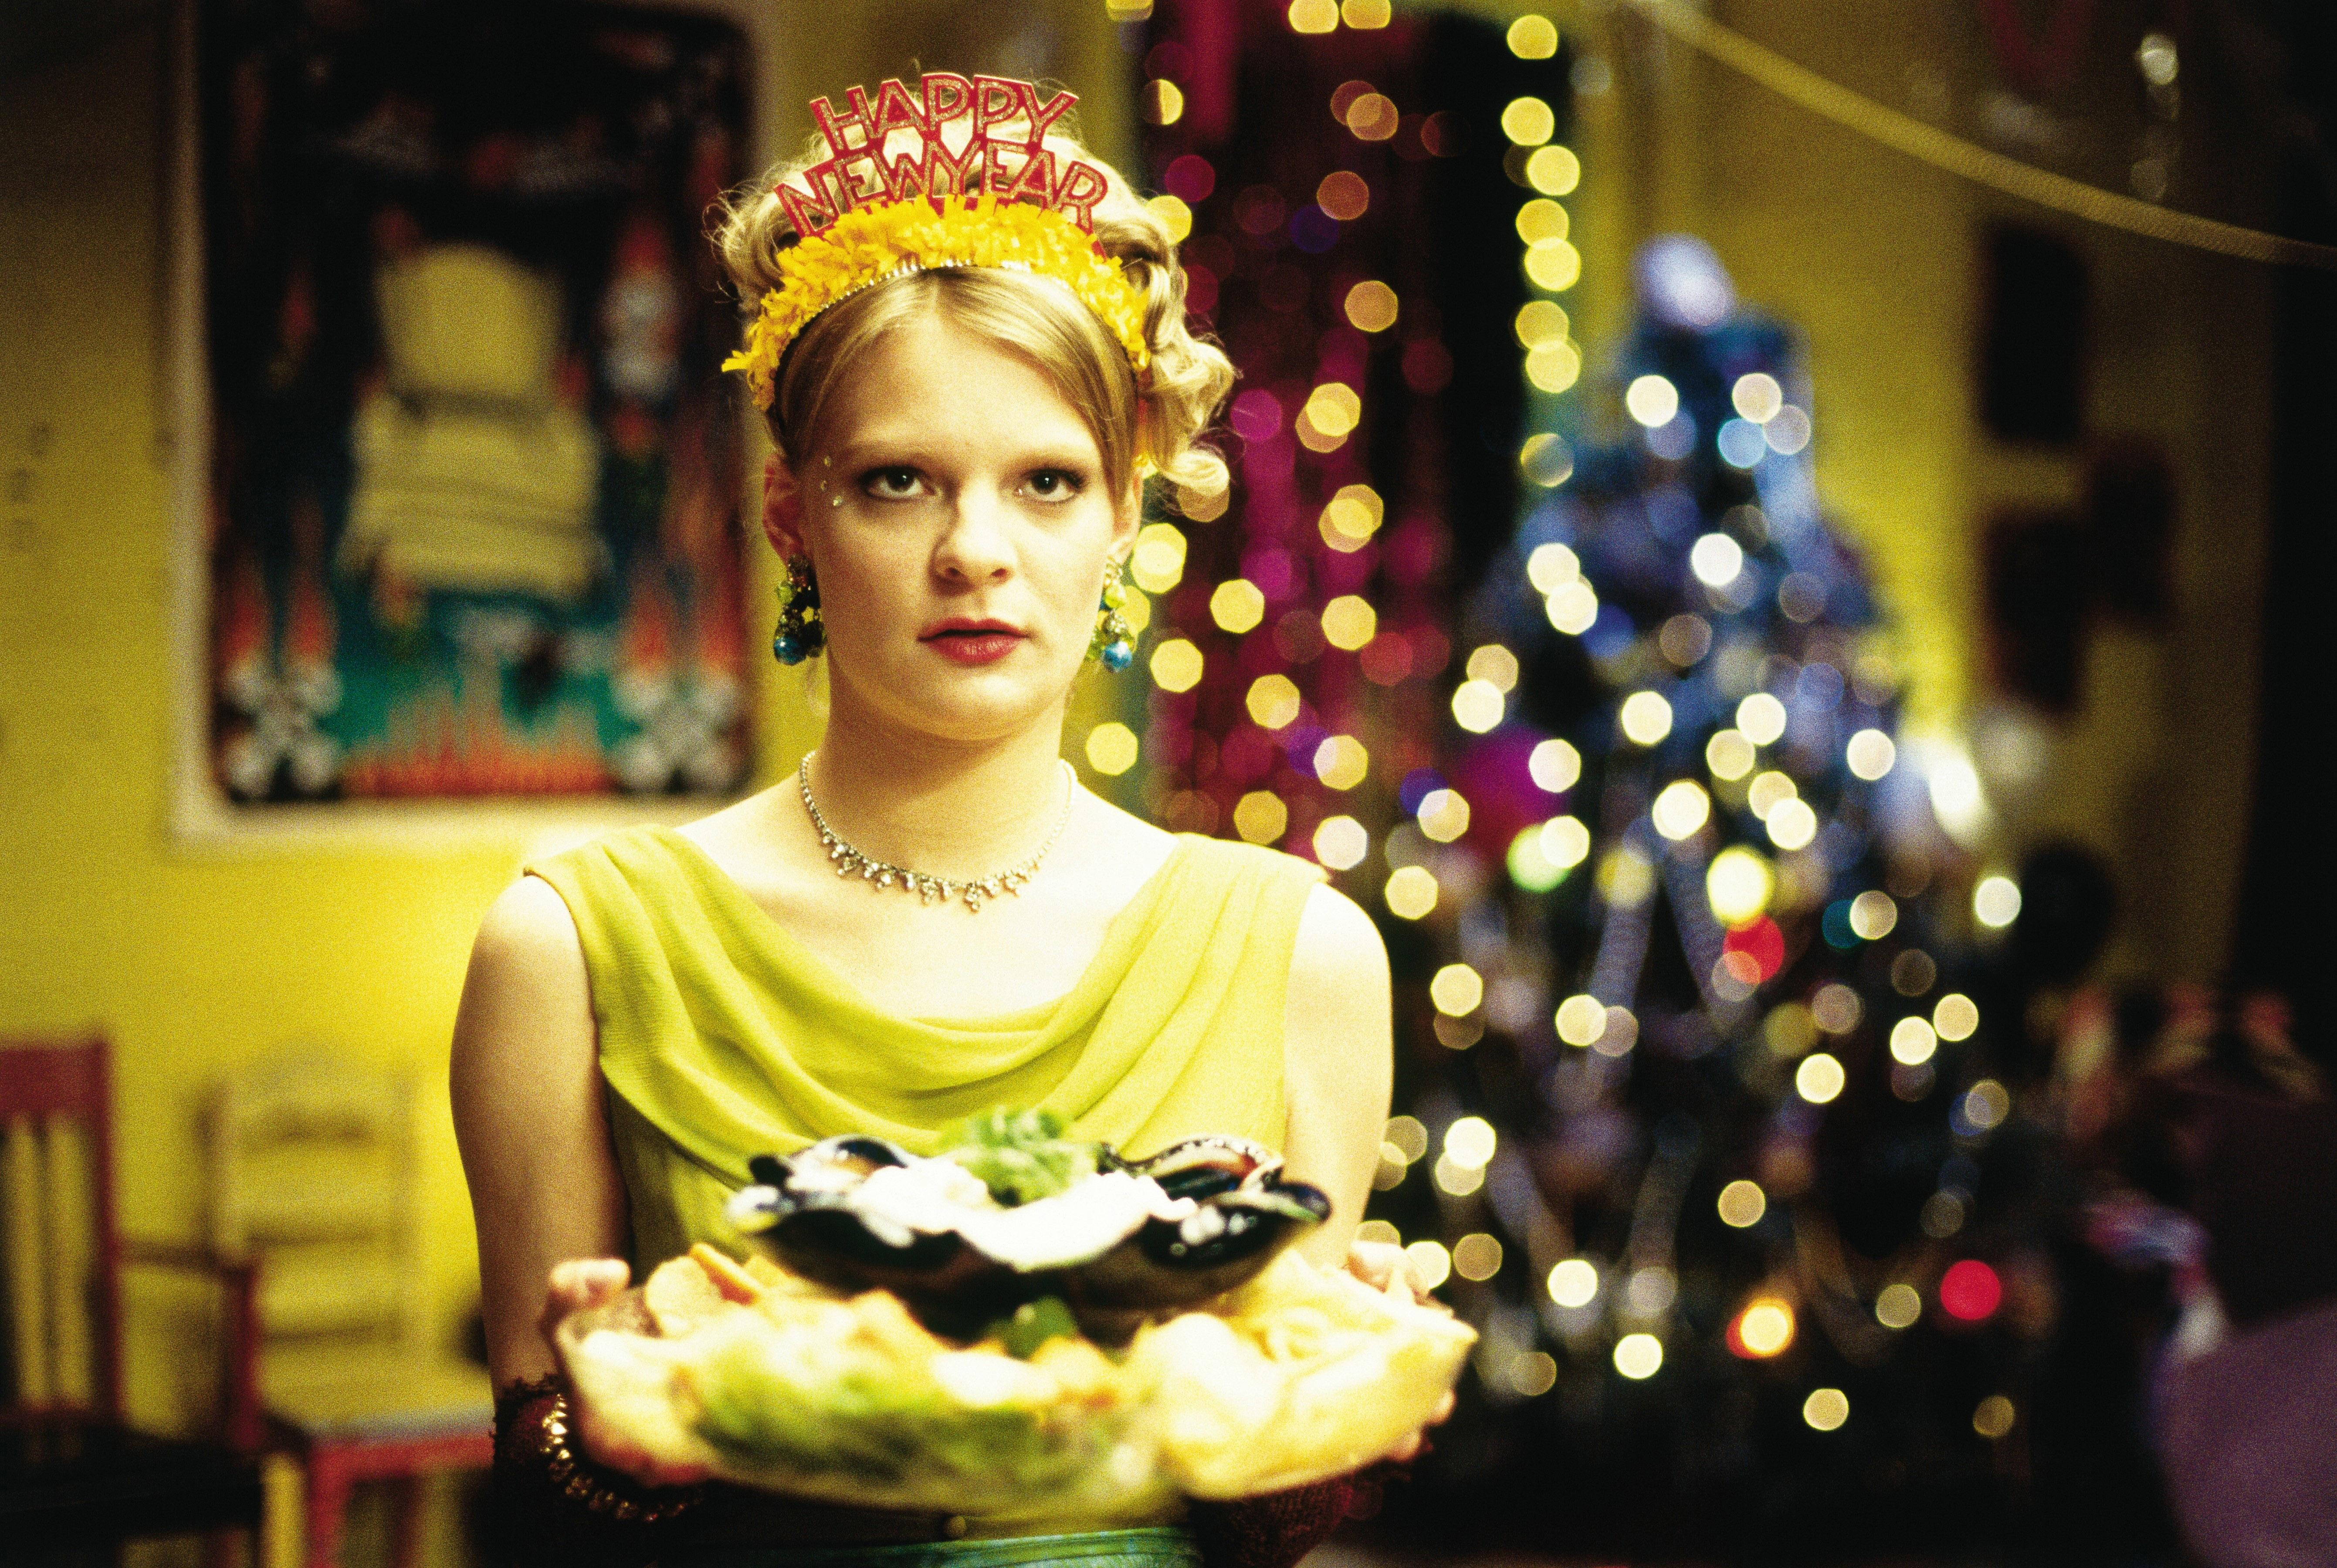 Filmz.ru 200 сигарет Фотогалерея кадры из фильма Марта Плимптон ...